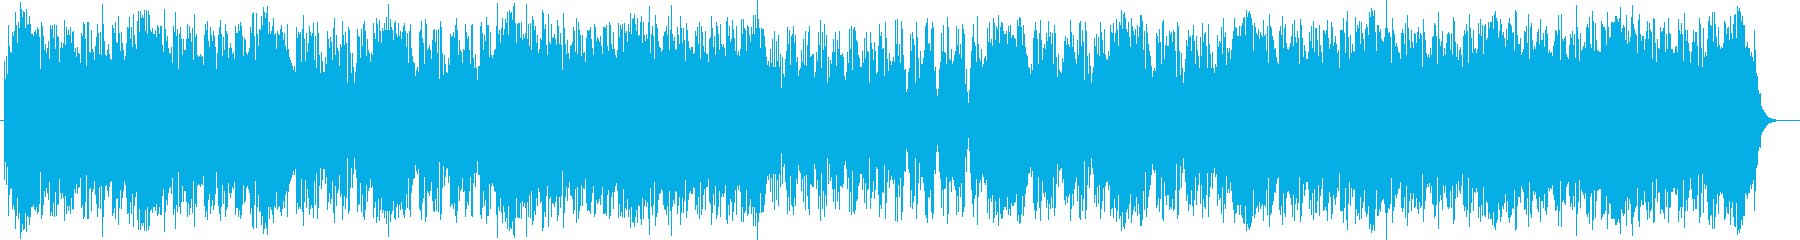 スピード感がある暗めのテクノの再生済みの波形